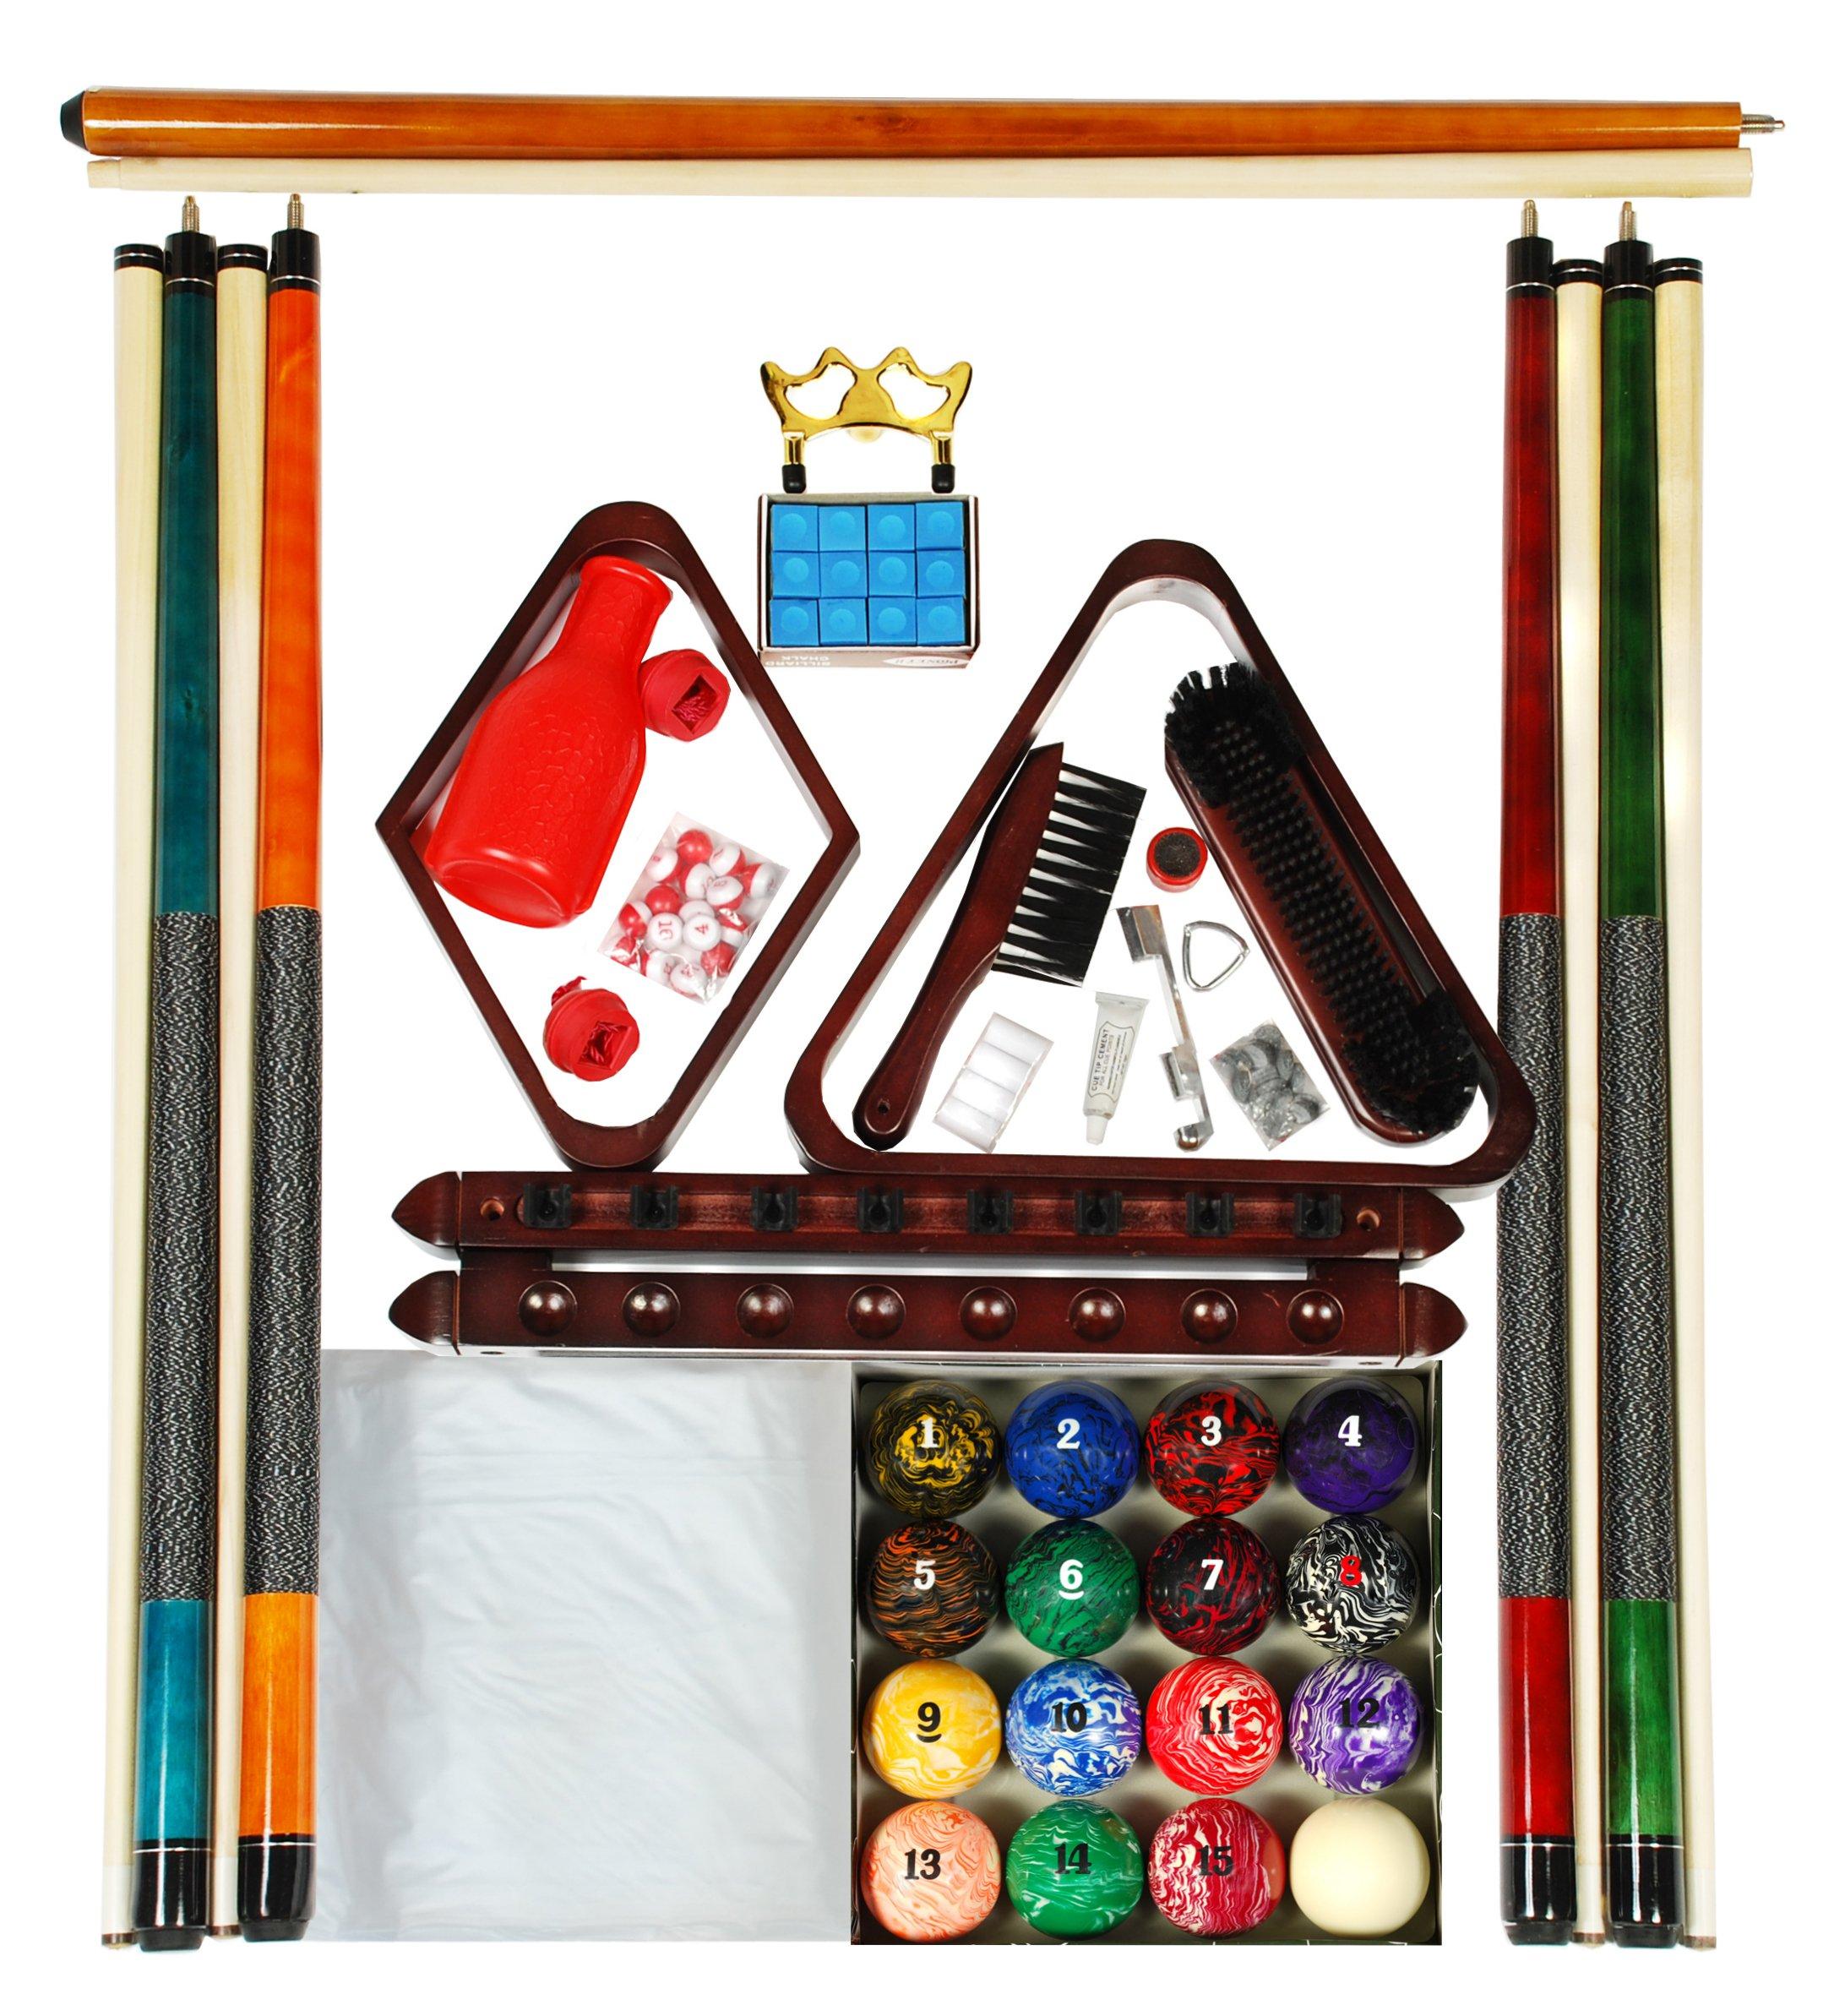 Mahogany Finish Billiard Pool Table Accessory Kit Art # Marble Ball Set